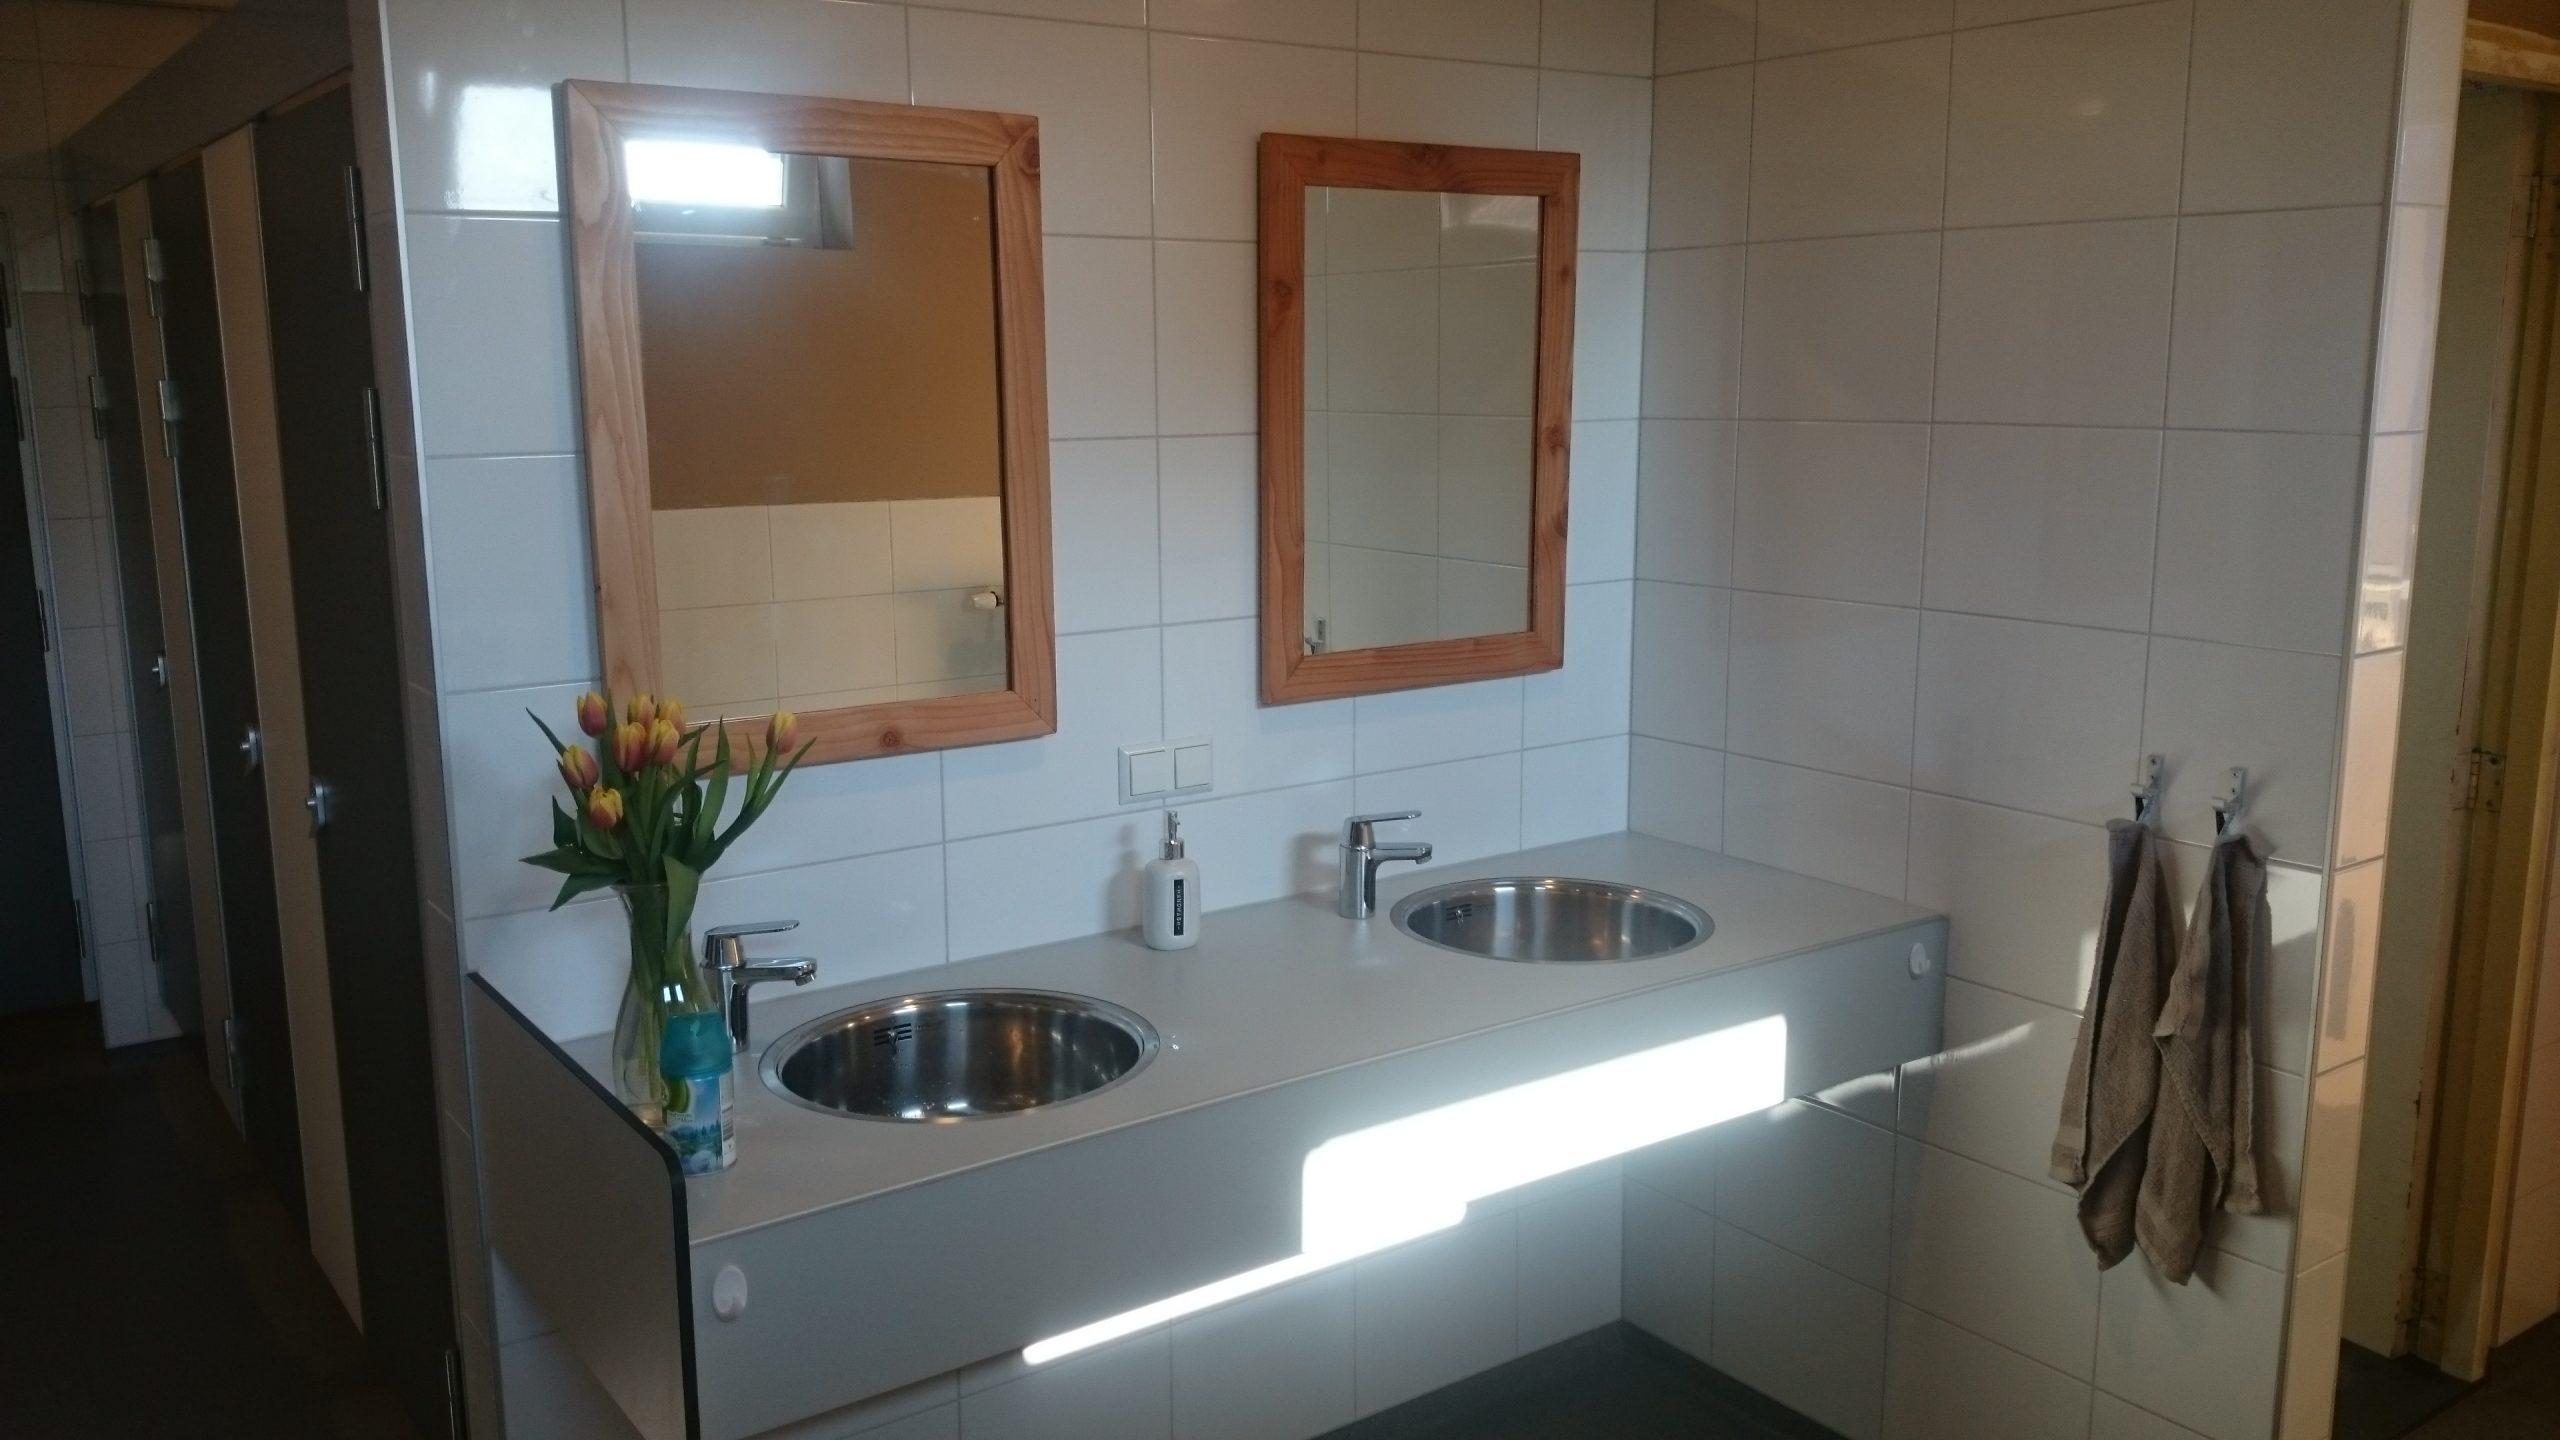 Handdoekjes bij sanitair - geen goede hygiene bij Sanitair